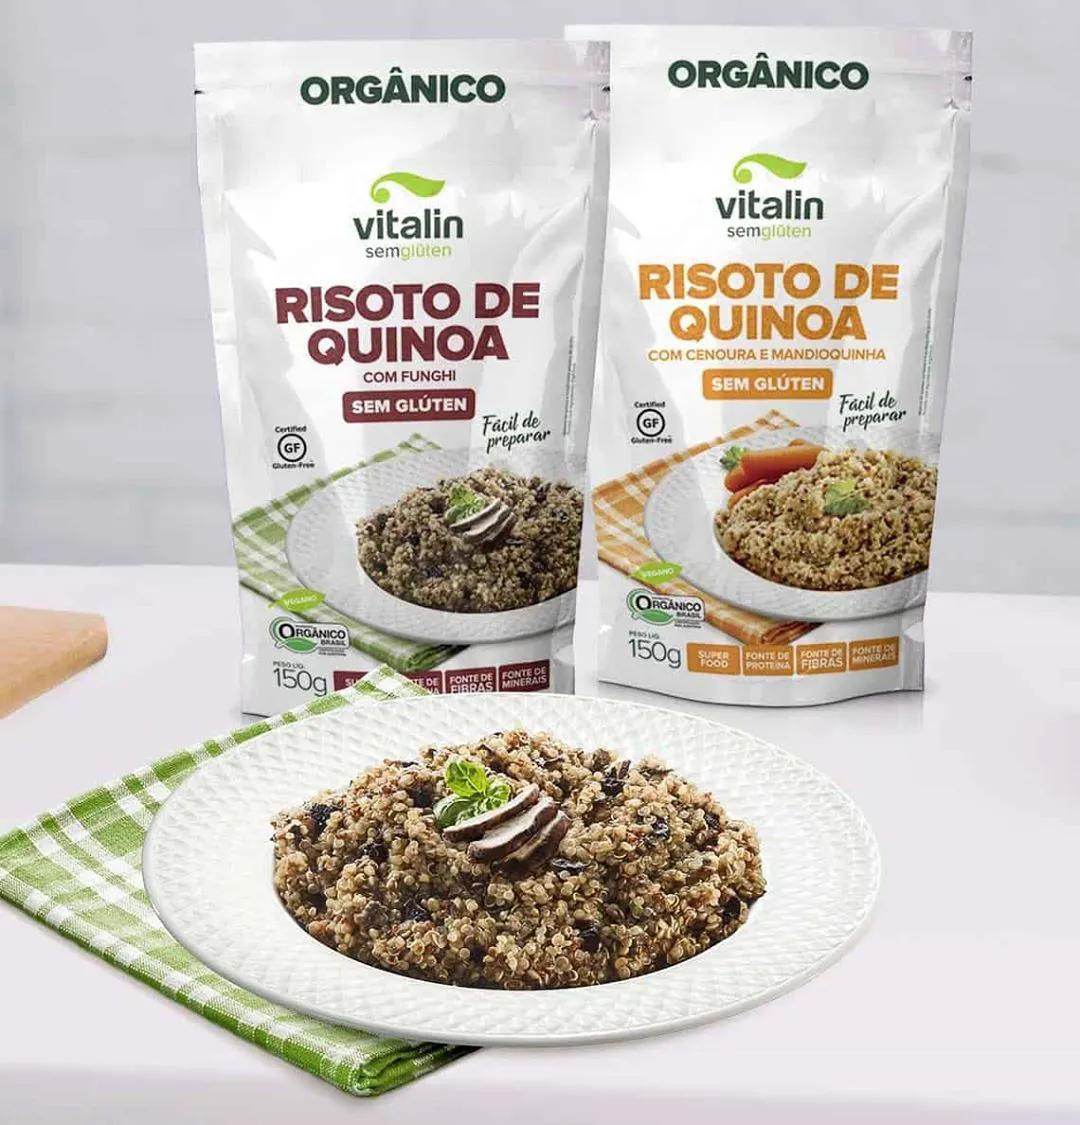 Risoto de Quinoa com Cenoura e Mandioquinha 150g – Vitalin Sem Glúten